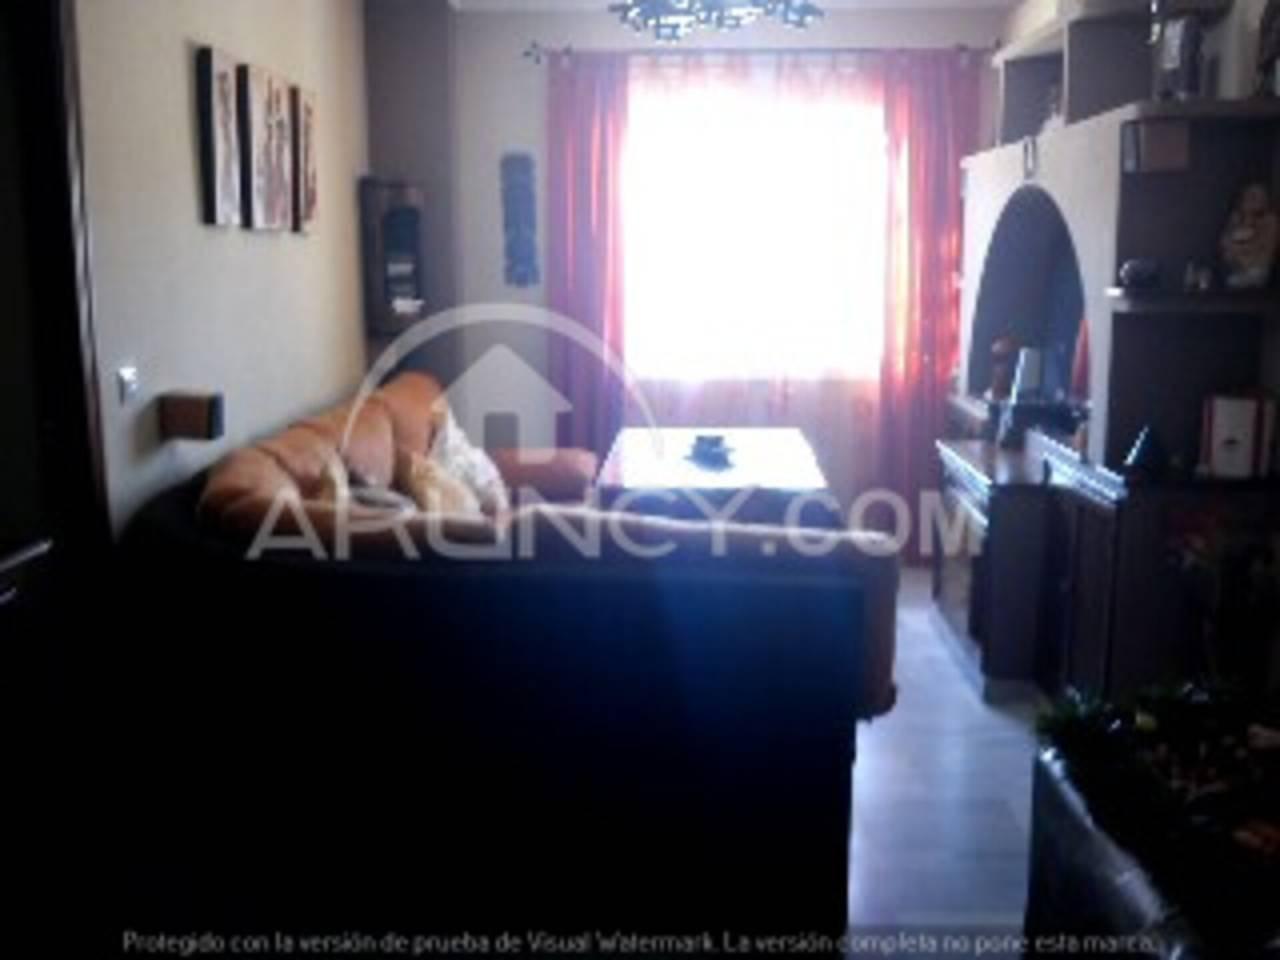 Piso en alquiler con 80 m2, 2 dormitorios  en Alcalá de Guadaíra, POLV